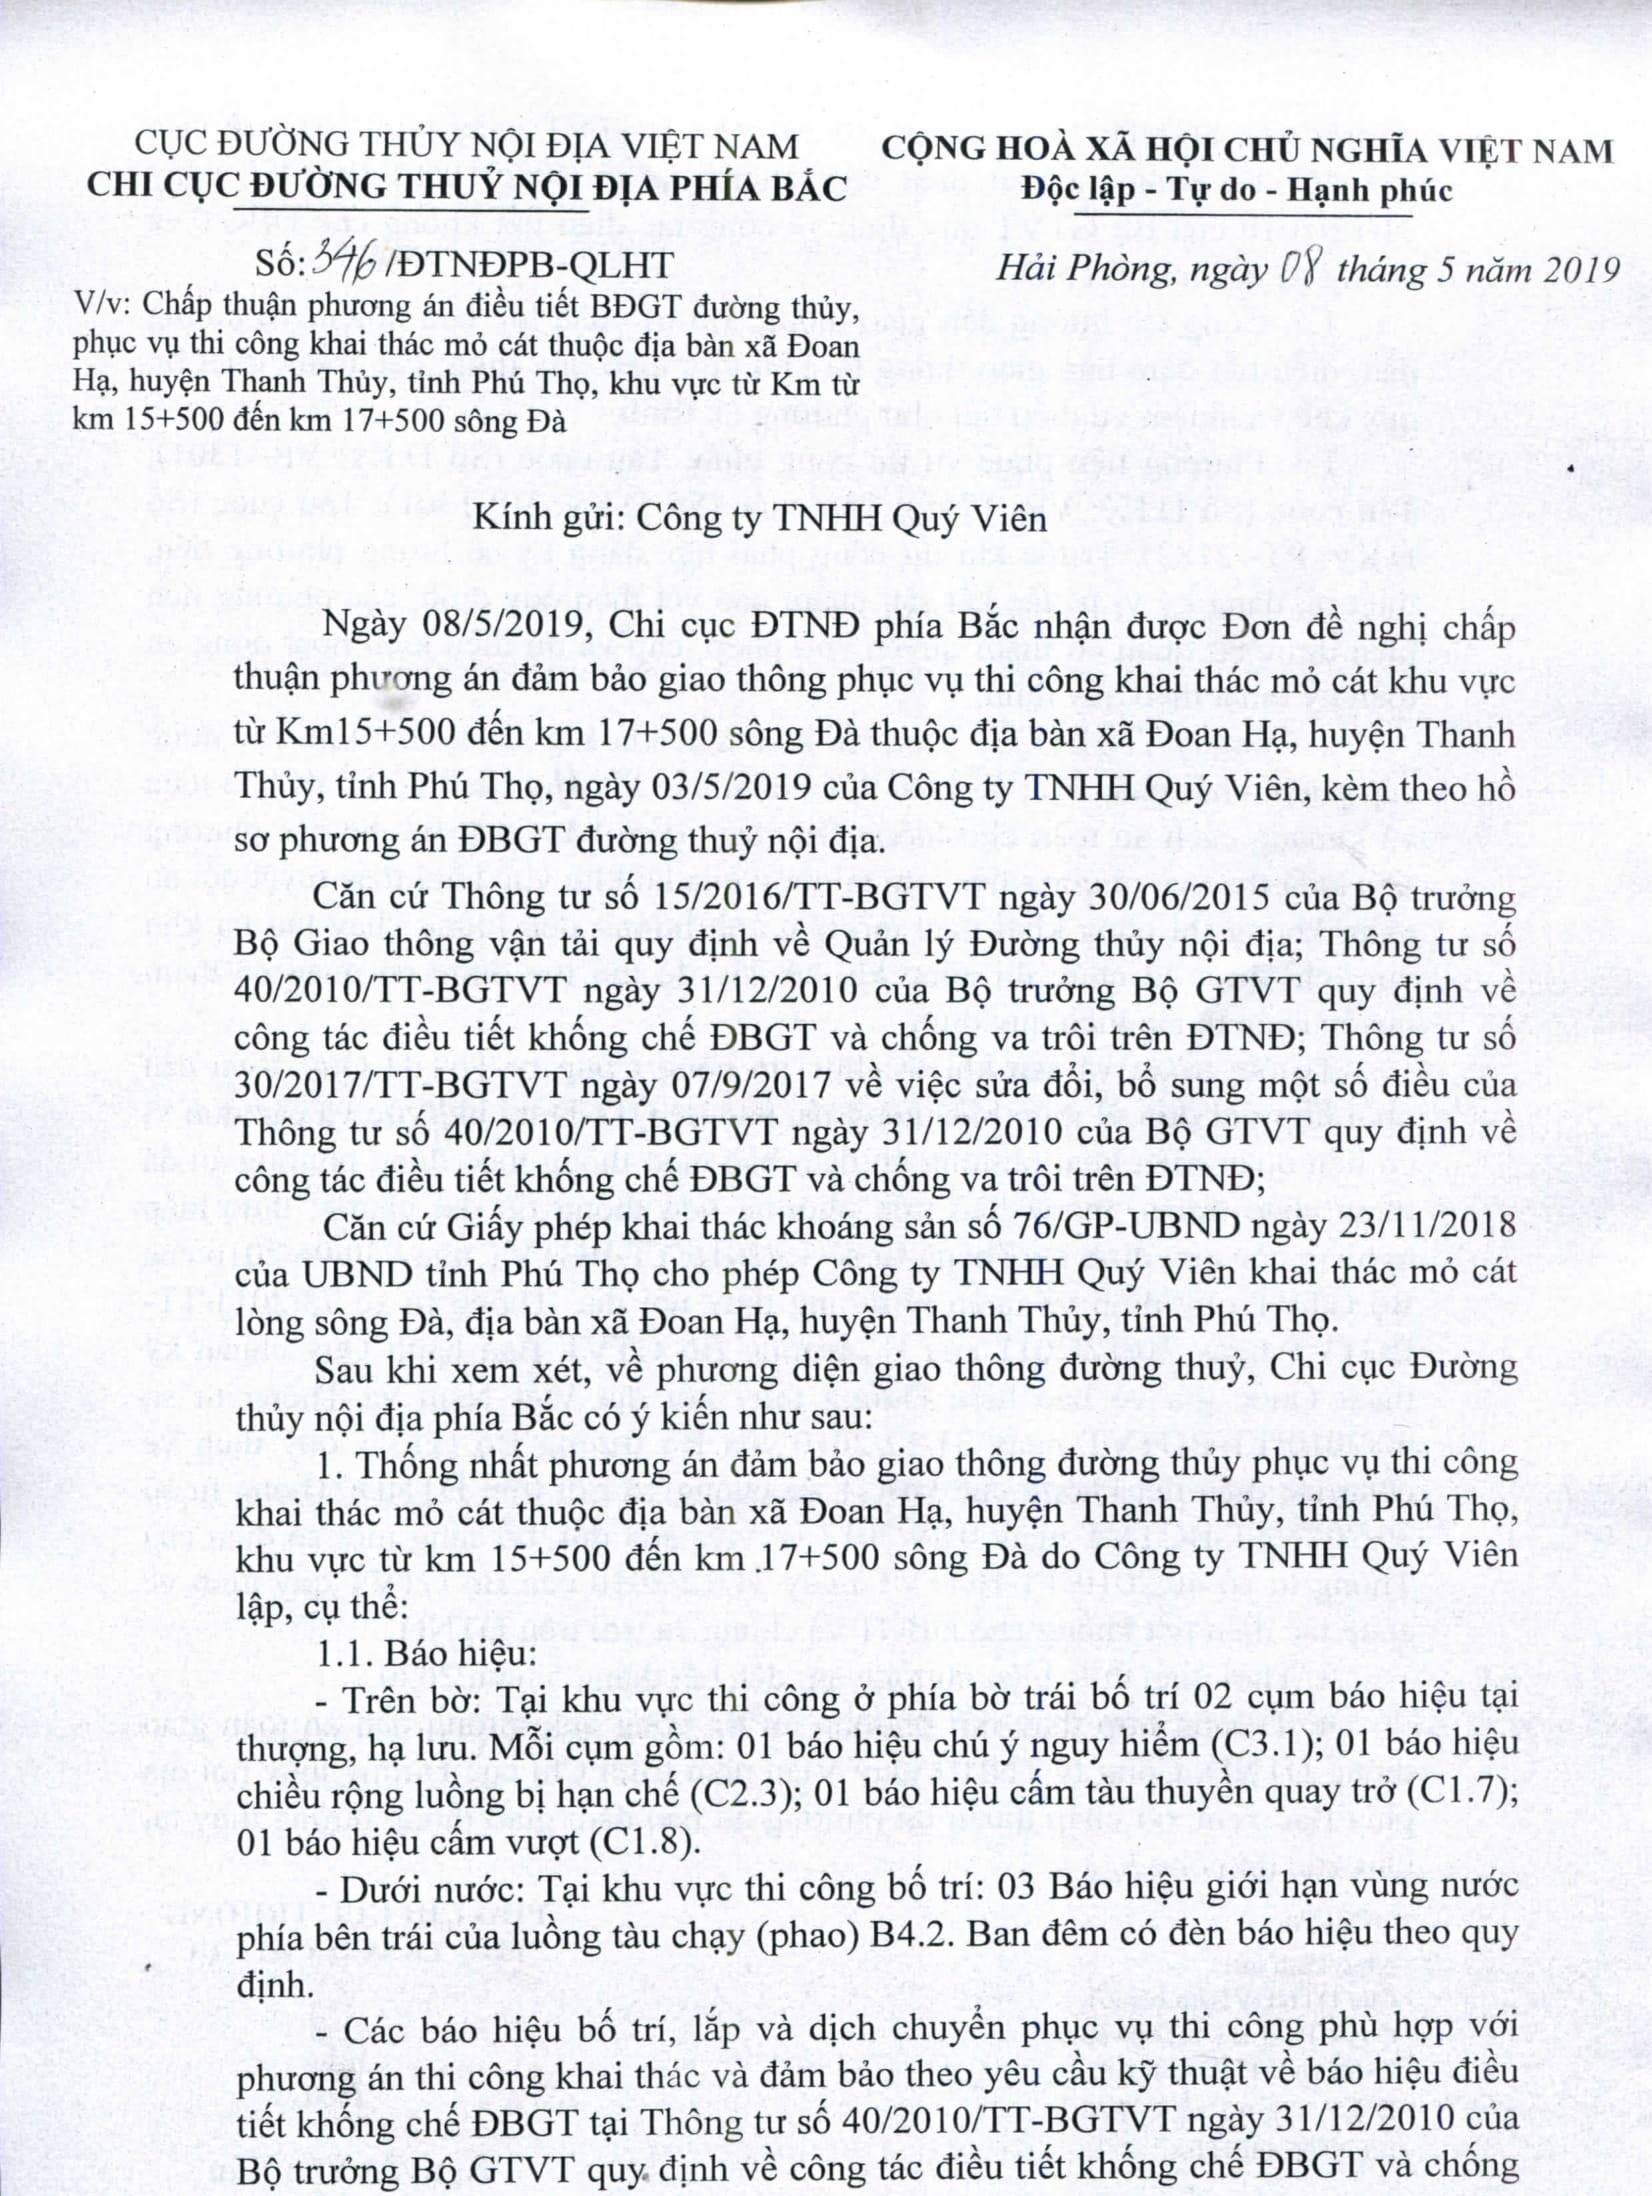 Chấp thuận PA điều tiết bảo đảm GTĐT phục vụ thi công khai thác mỏ cát thuộc địa bàn xã Đoan Hạ, huyện Thanh Thủy, tỉnh Phú Thọ